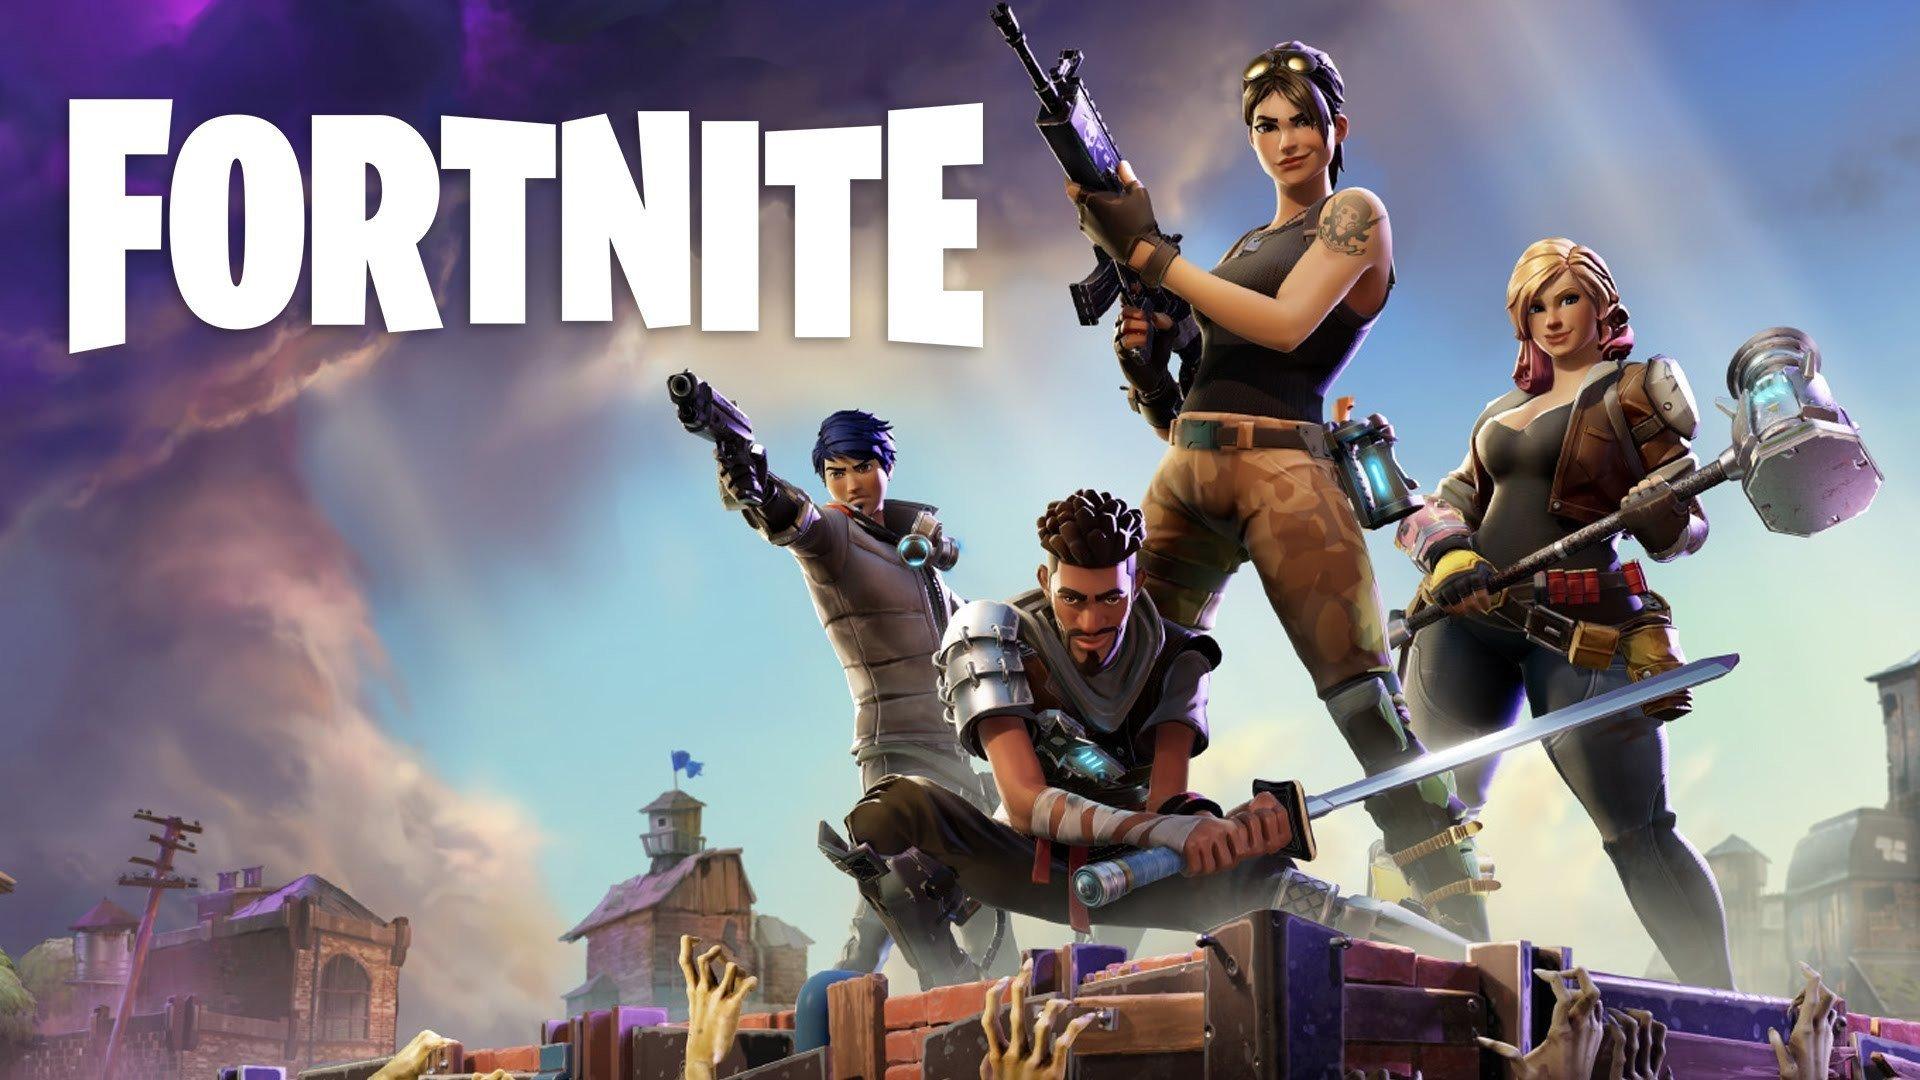 Fortnite es un juego multijugador gratuito